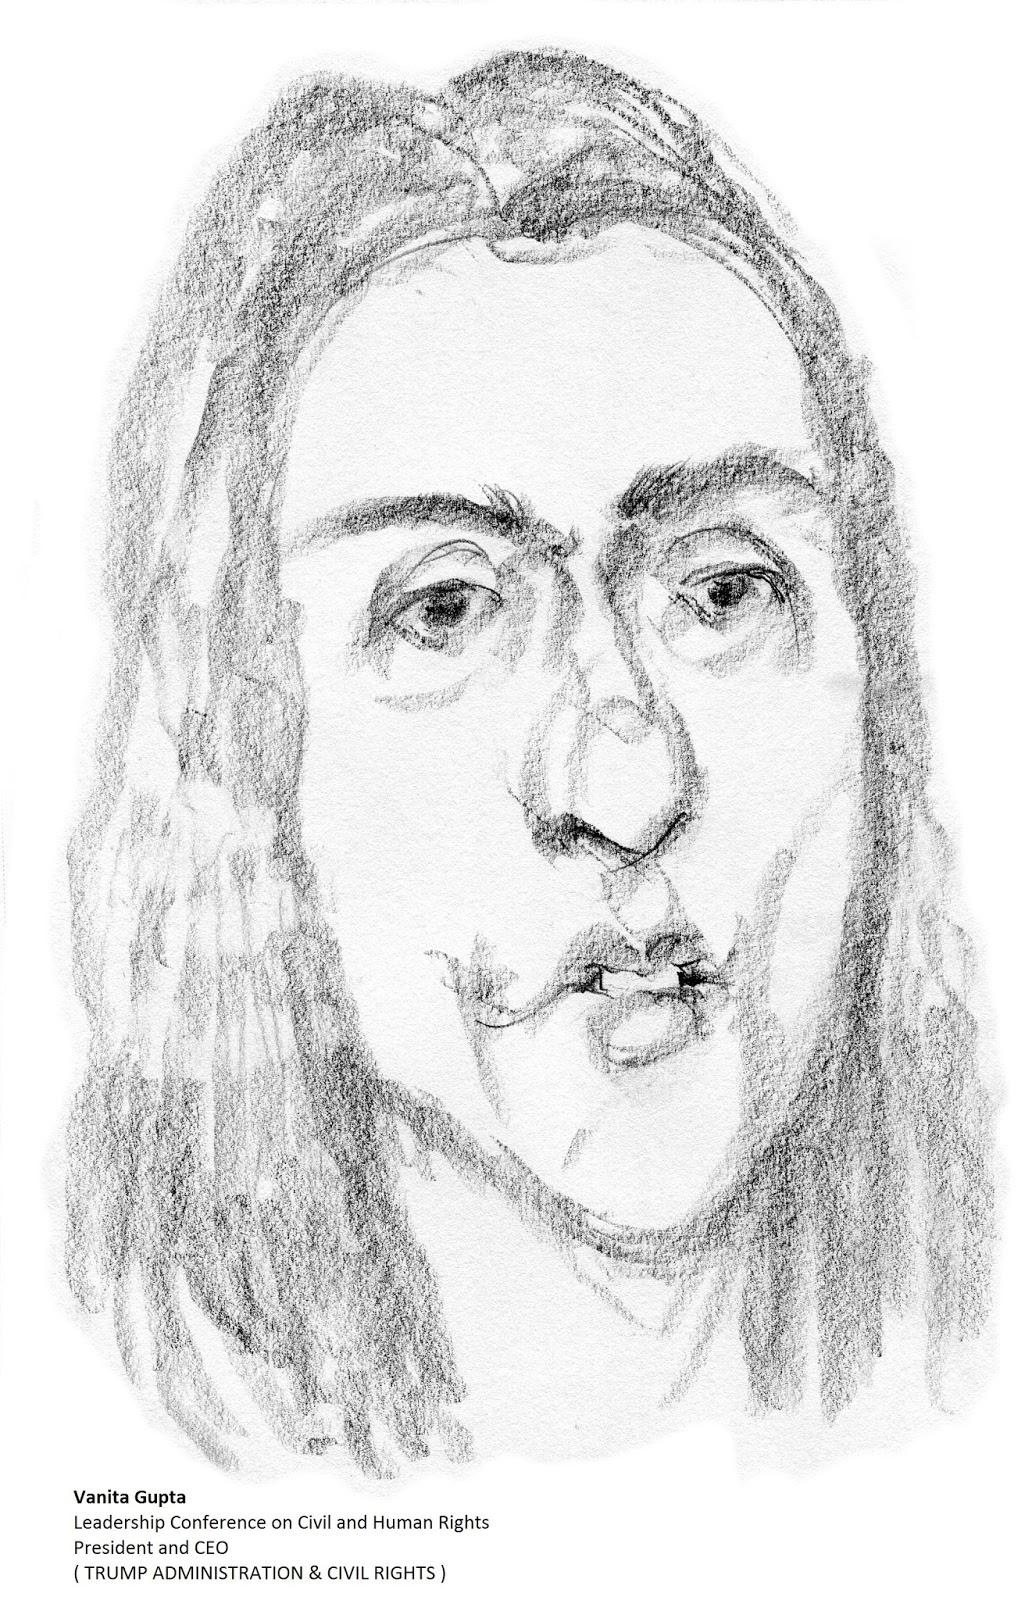 daily drawings: Vanita Gupta